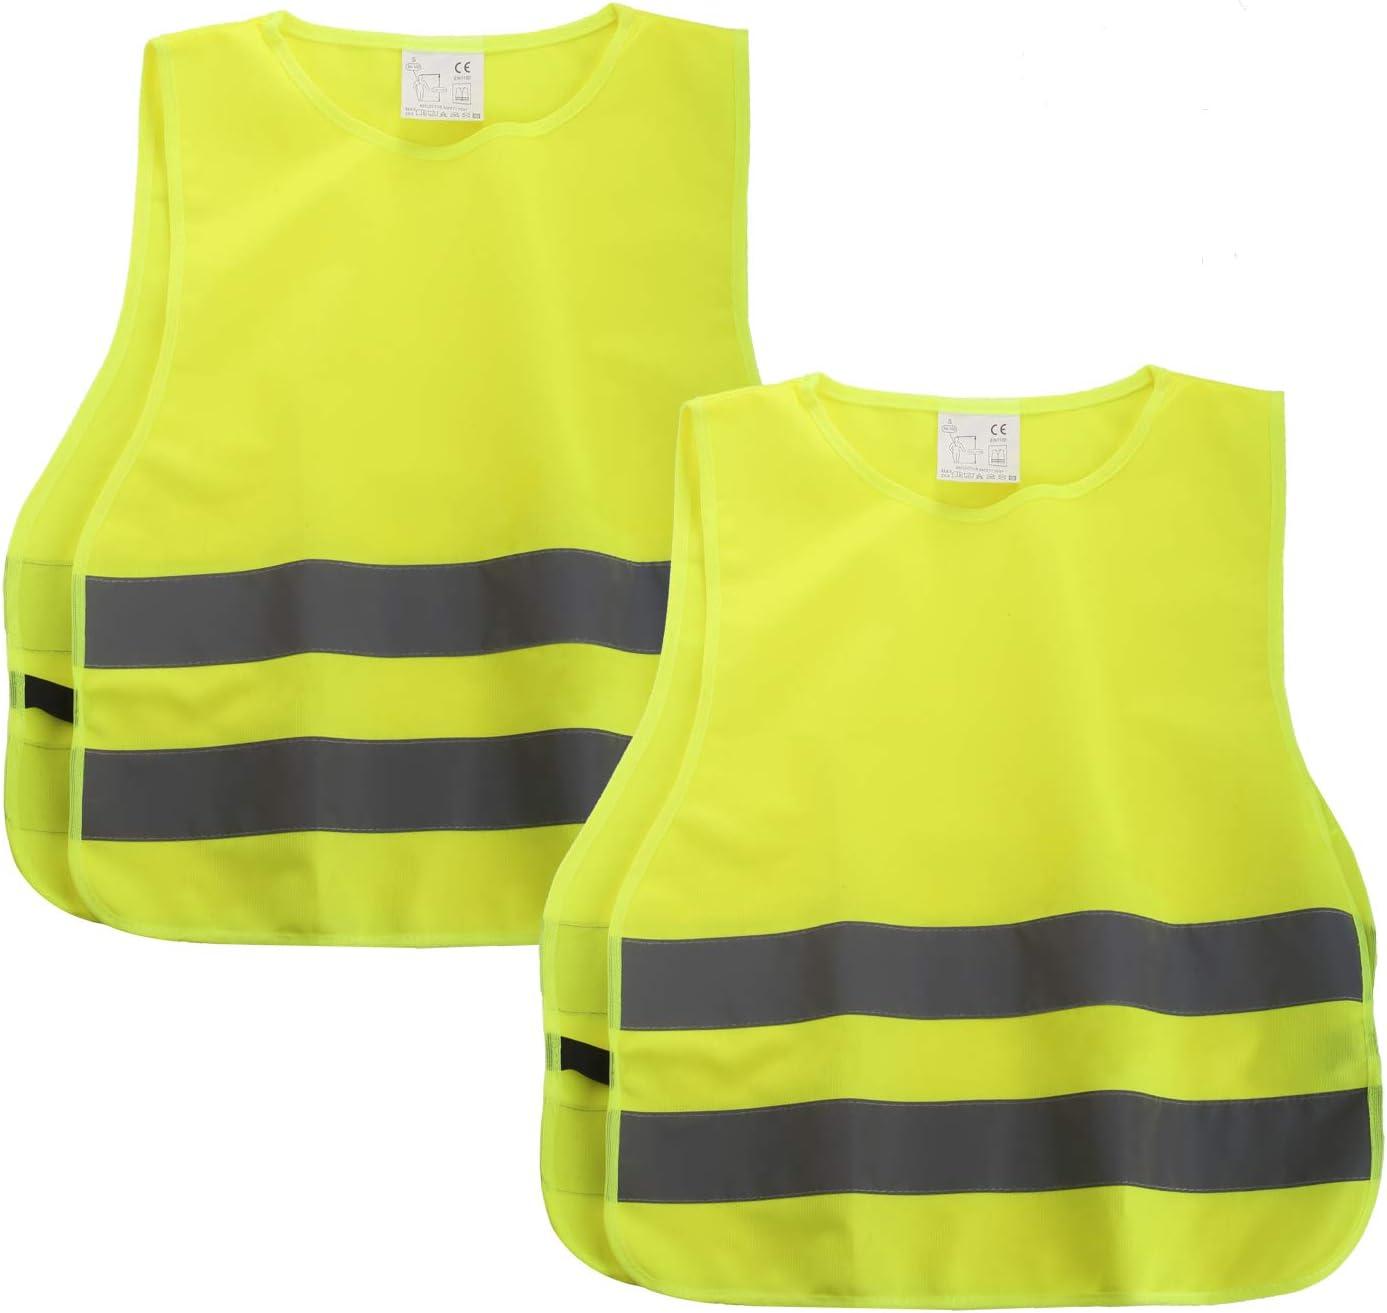 45x40CM 360 Grad Reflektierende Sicherheitsweste Gelb SHYOSUCCE 2 St/ück Warnwesten Kinder EN1150 Universal Gr/ö/ße XS f/ür Jungs M/ädchen